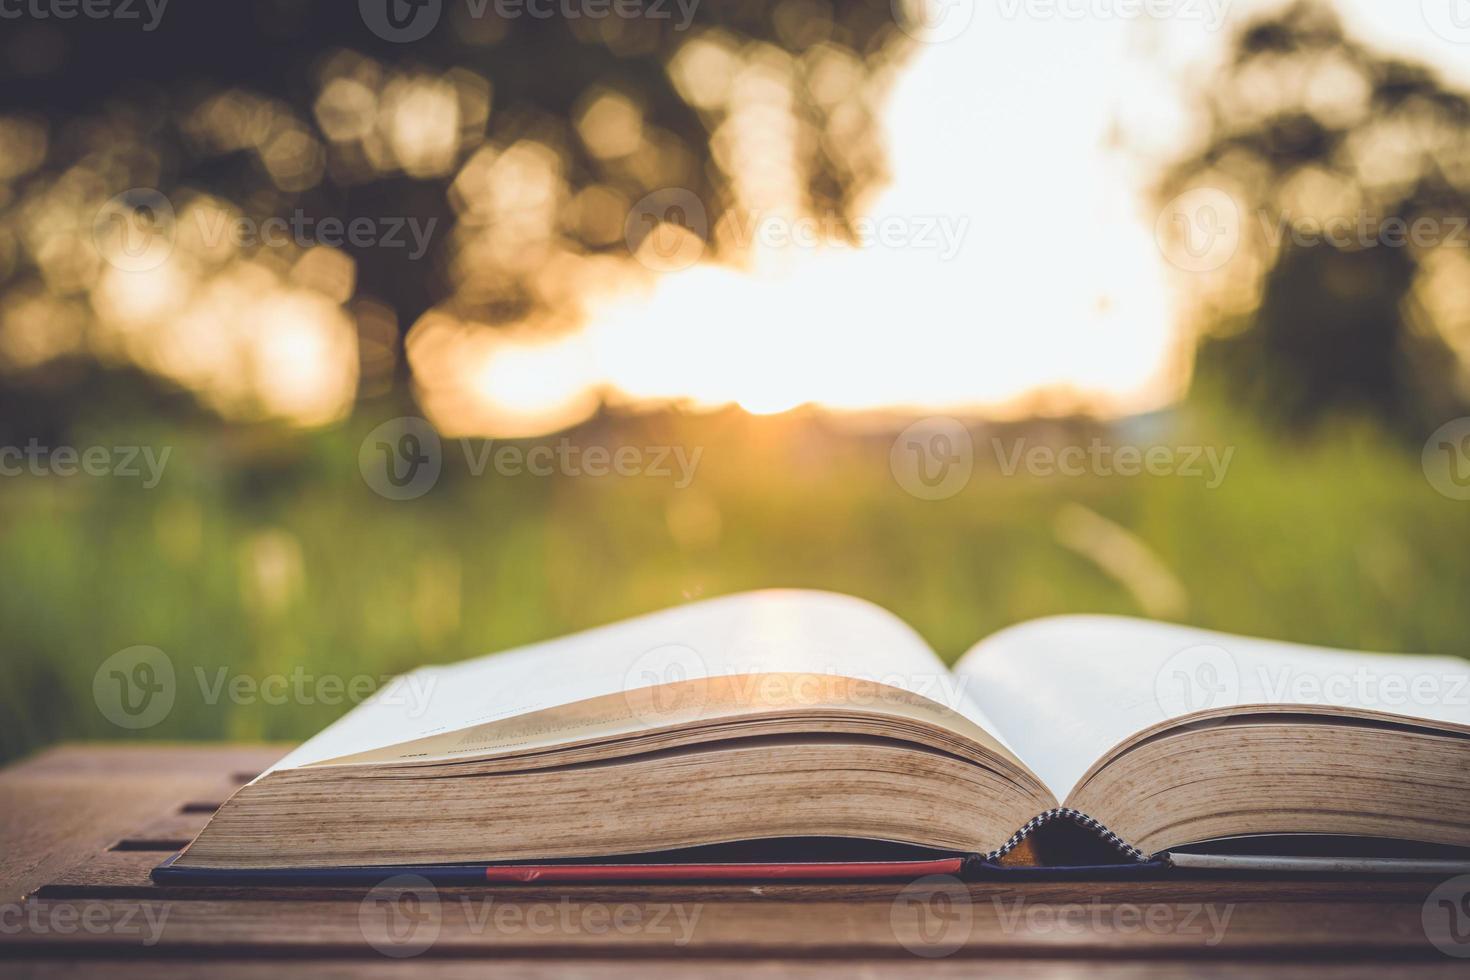 cerrar libro sobre la mesa foto